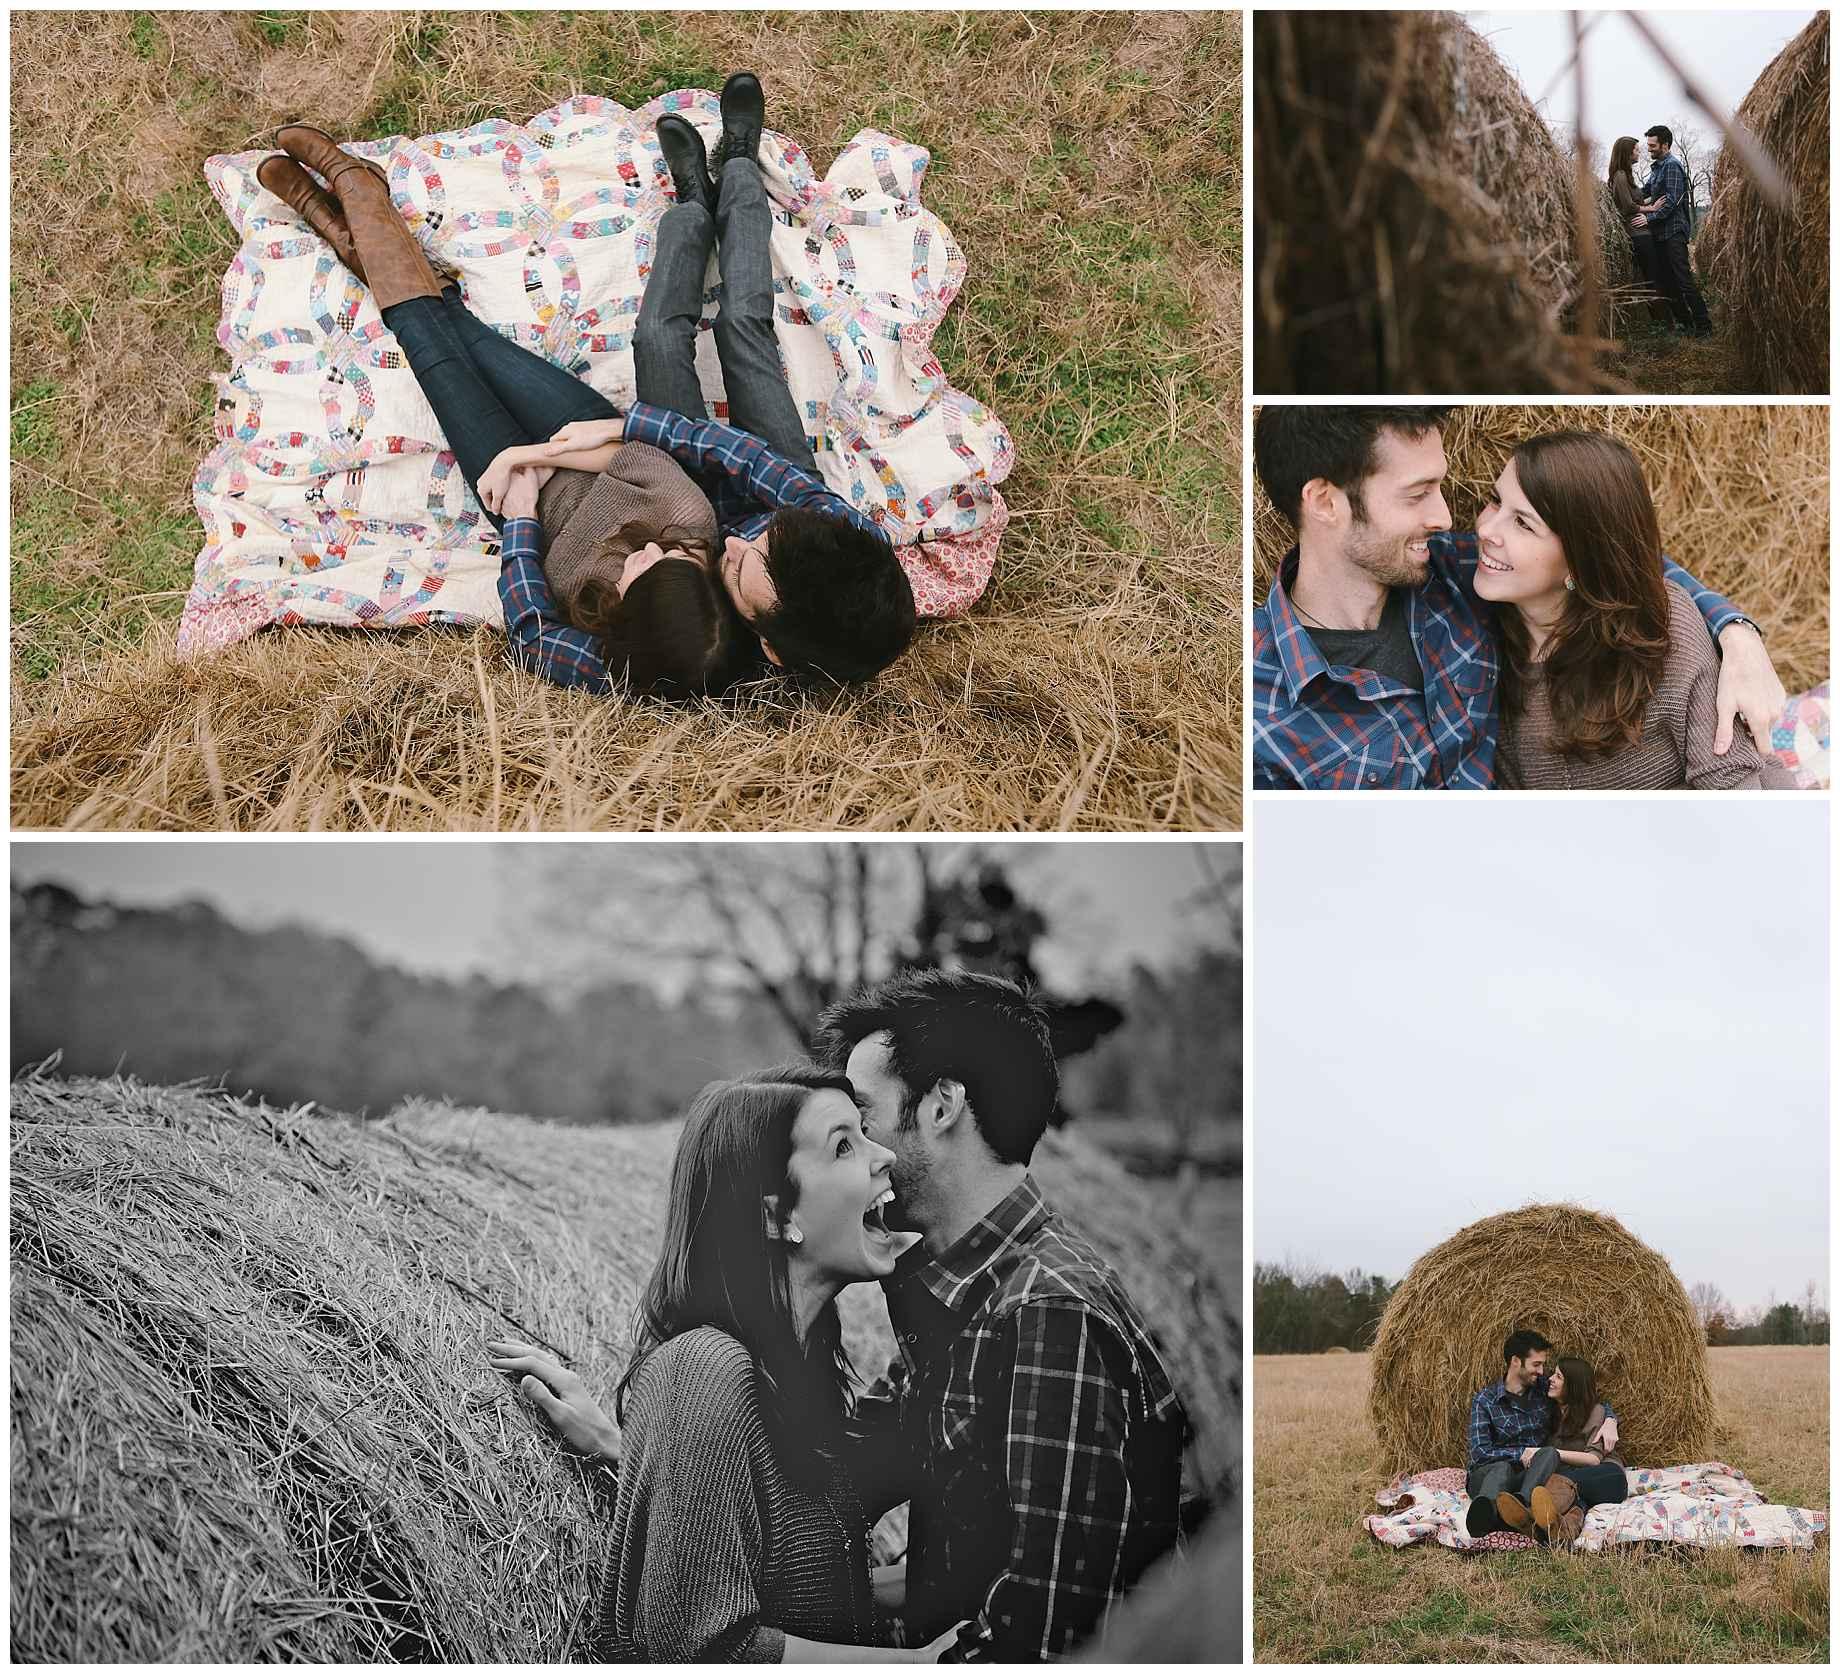 howell-family-farms-wedding-photos-02